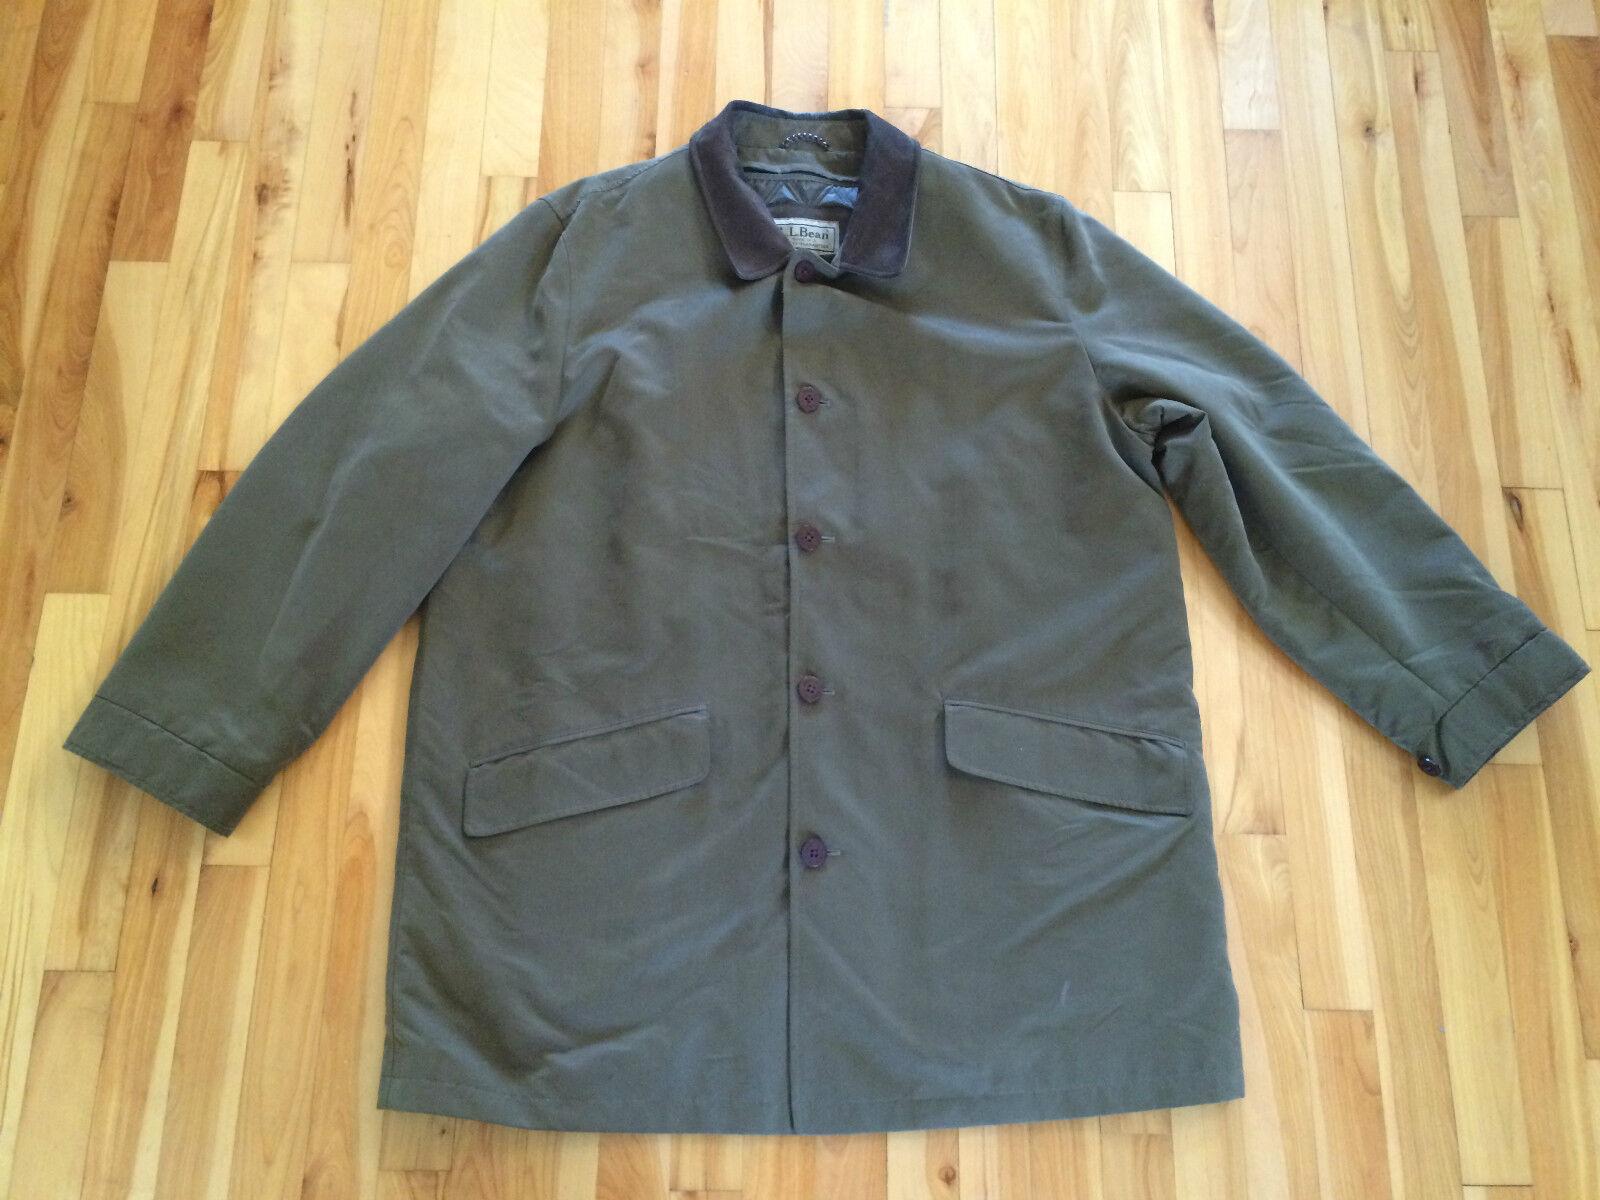 LL BEAN para hombre Talla XL verde militar con cuello de piel Abrigo Chaqueta Granegro de campo Forrado Usado En Excelente Condición